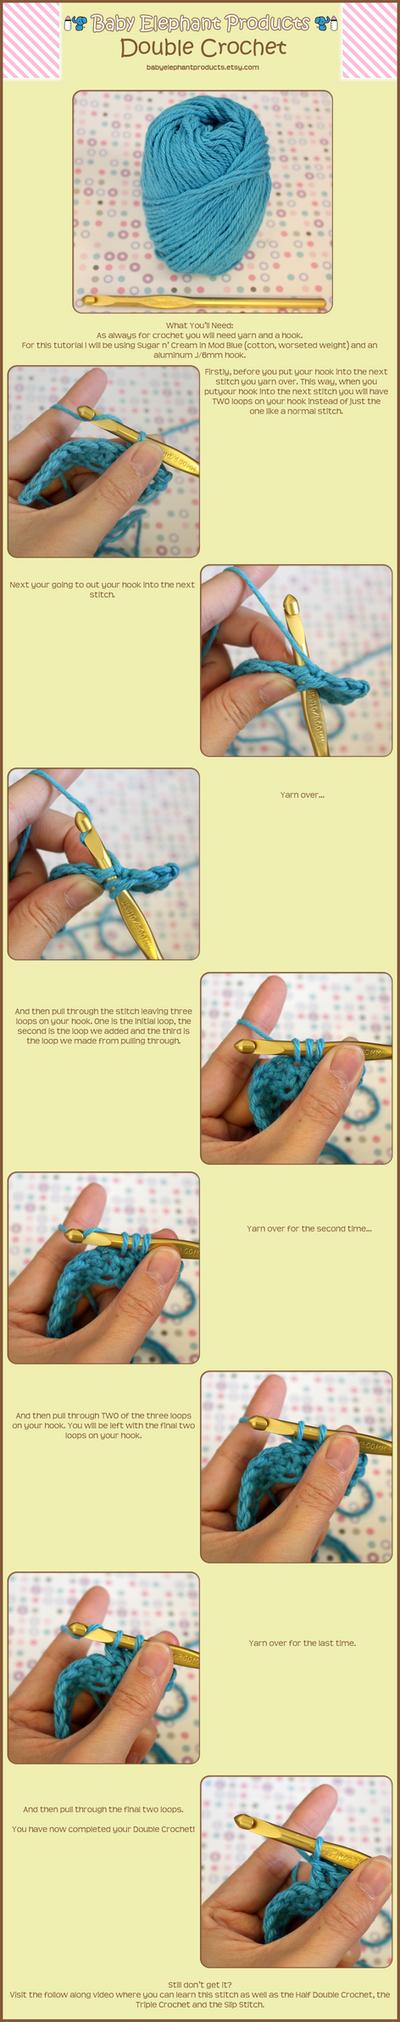 Double Crochet Tutorial by moofestgirl